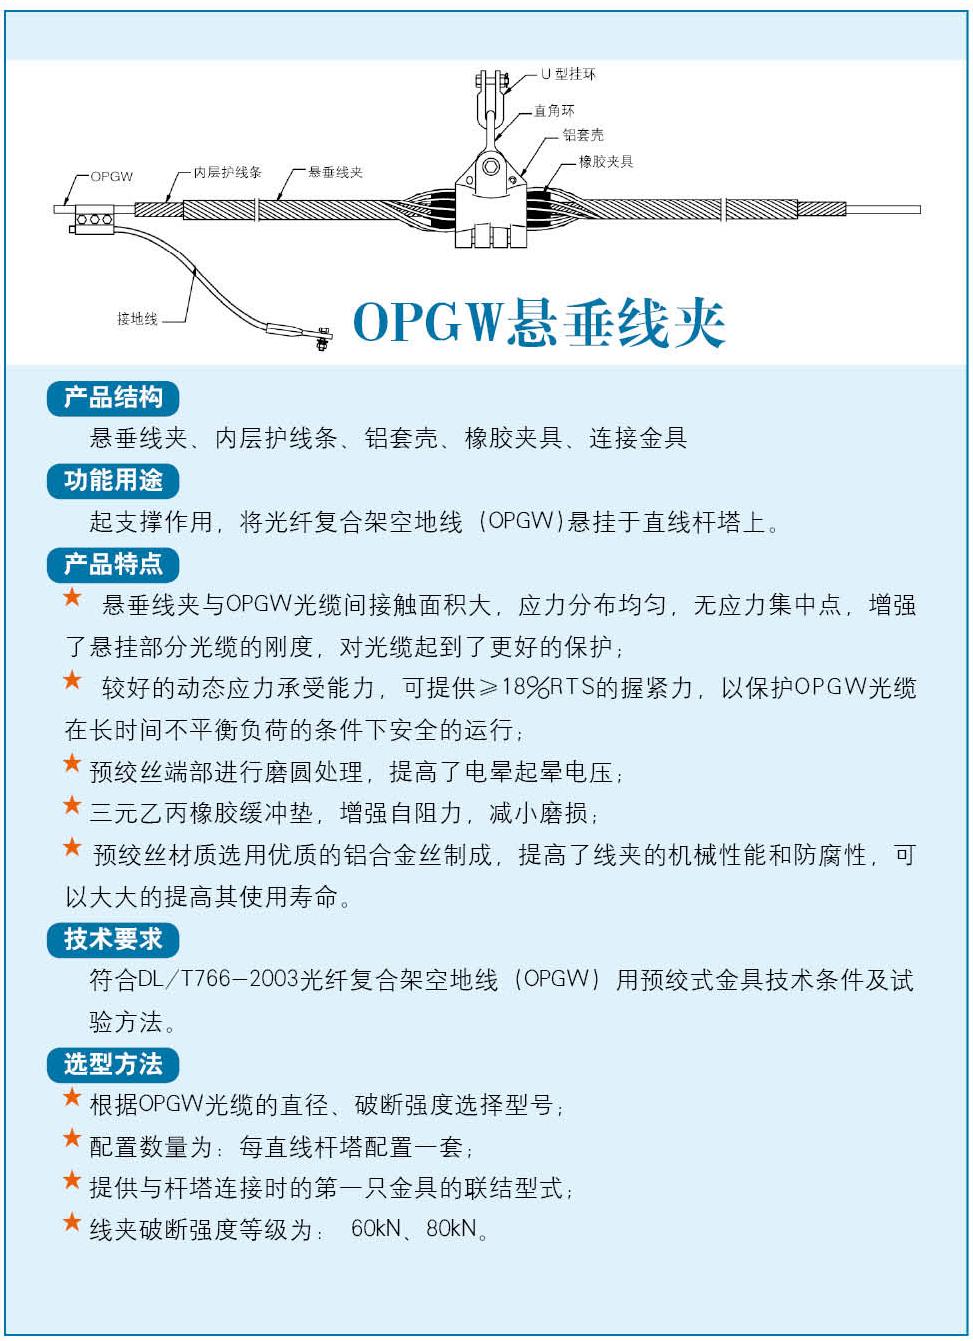 OPGW光缆金具生产厂家